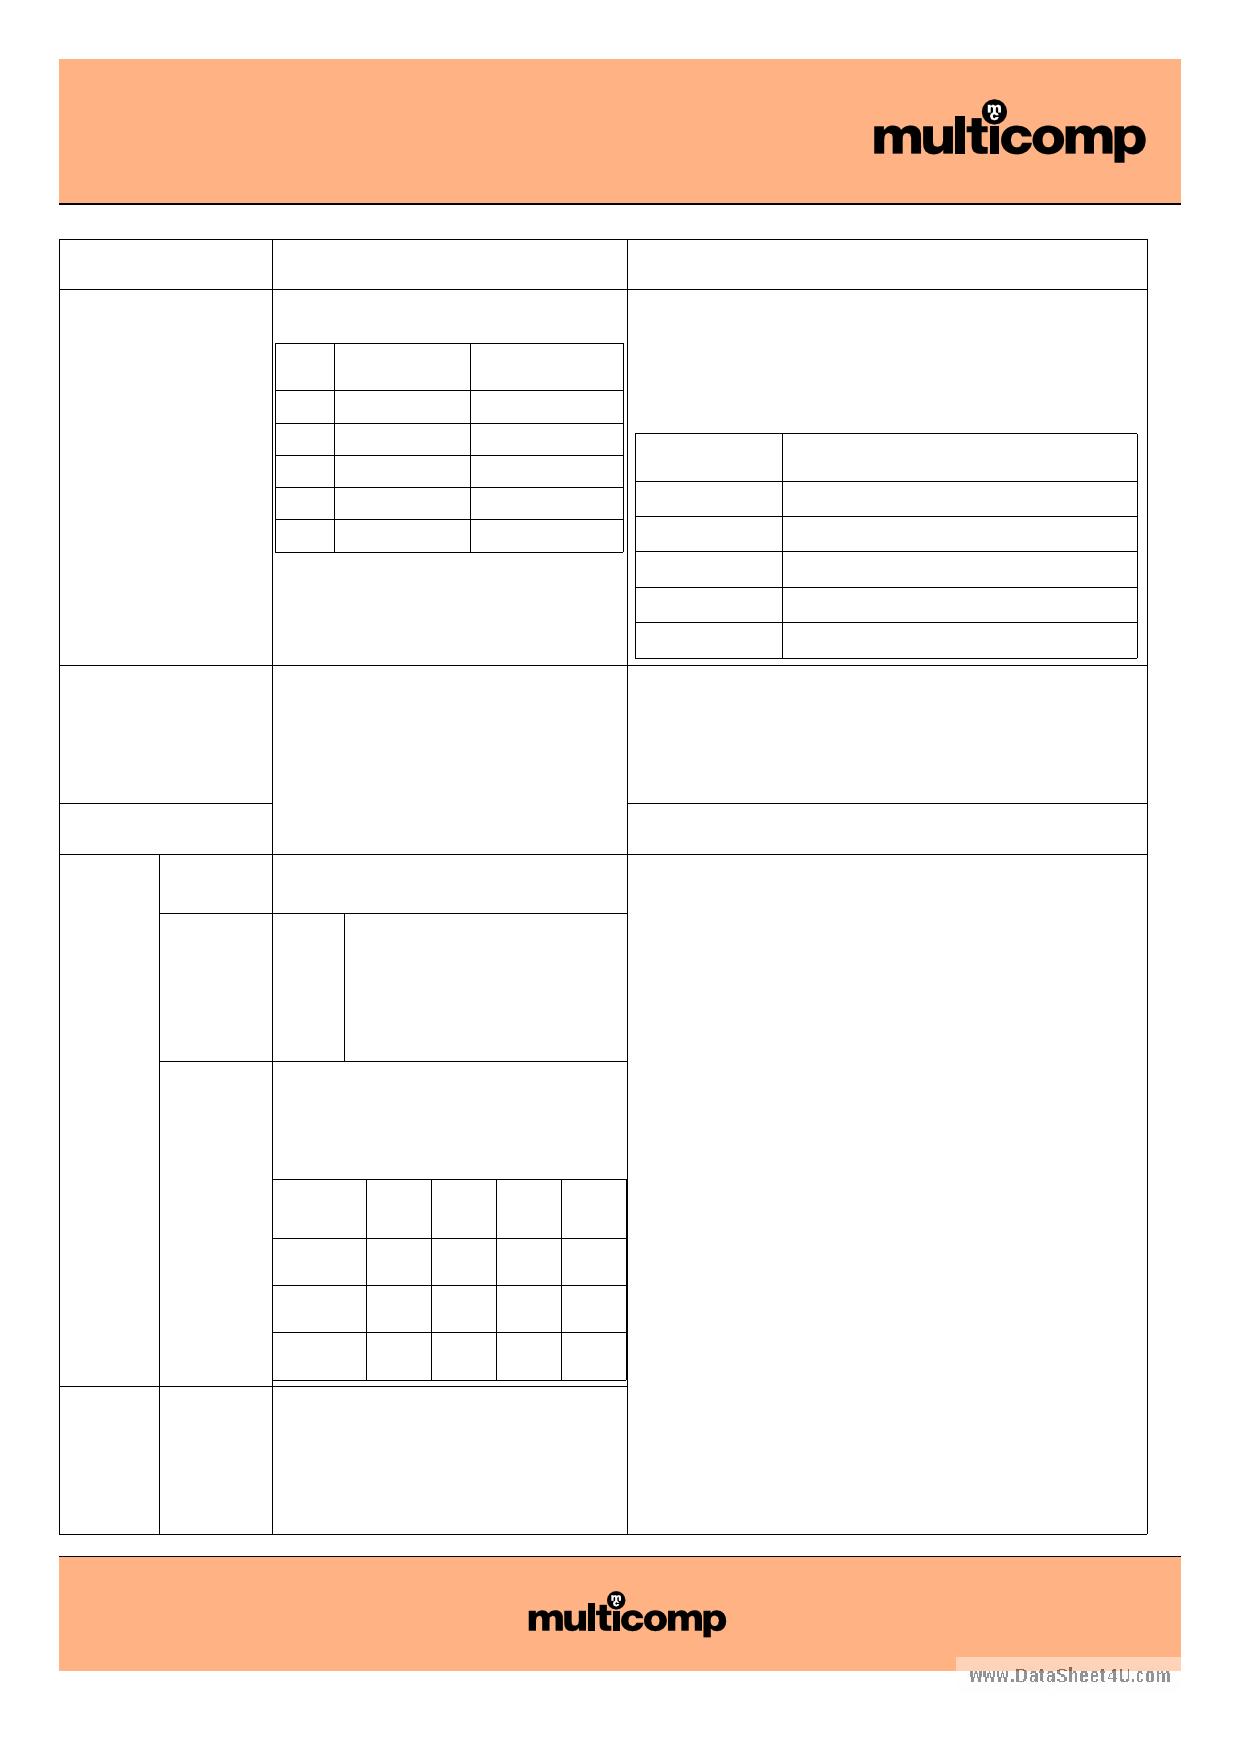 U0805FxxxxxT pdf